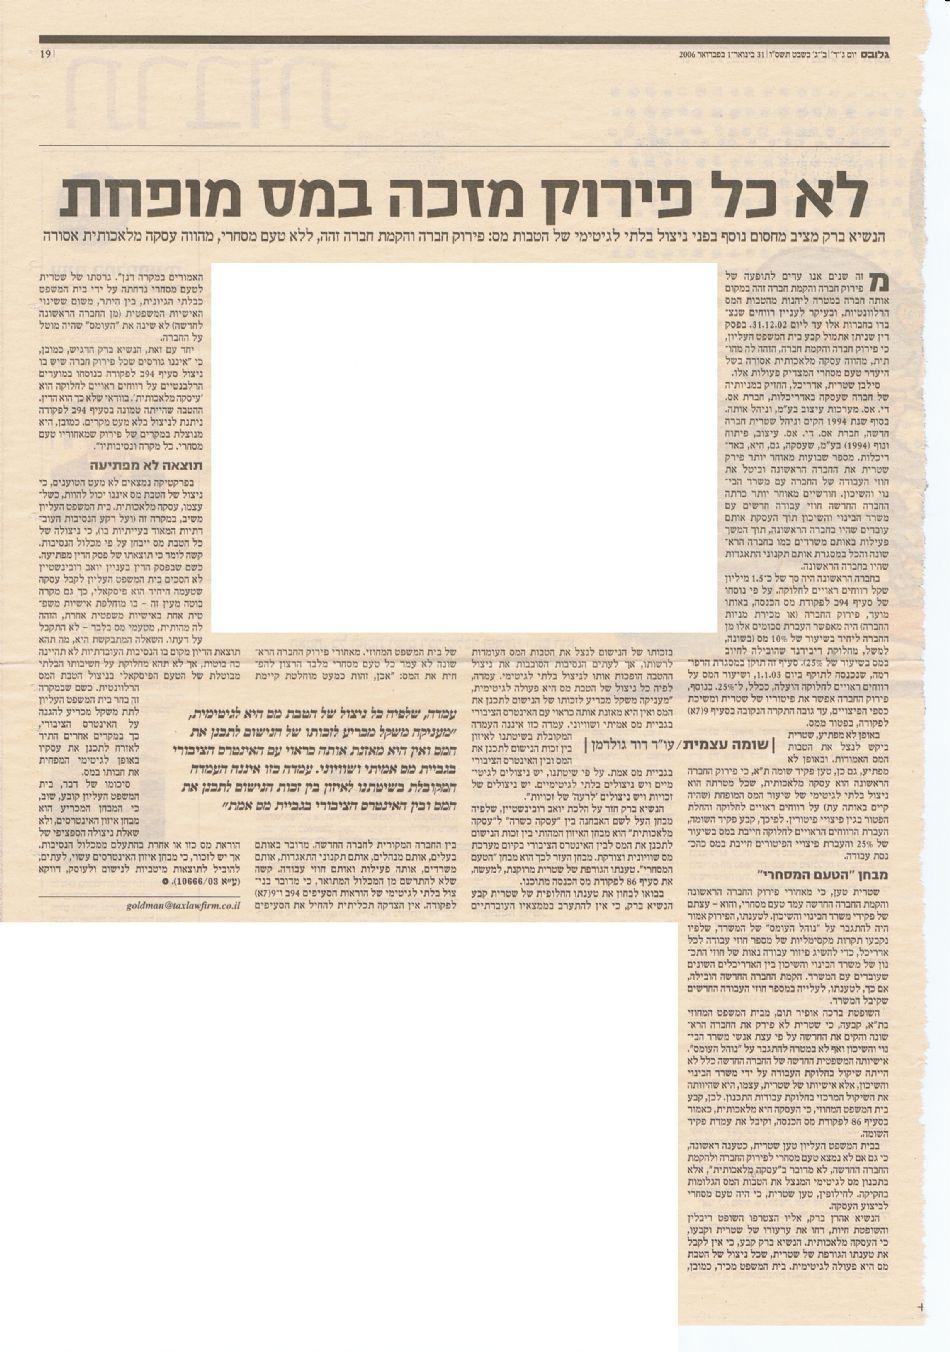 """לא כל פירוק מזכה במס מופחת, עו""""ד דוד גולדמן"""